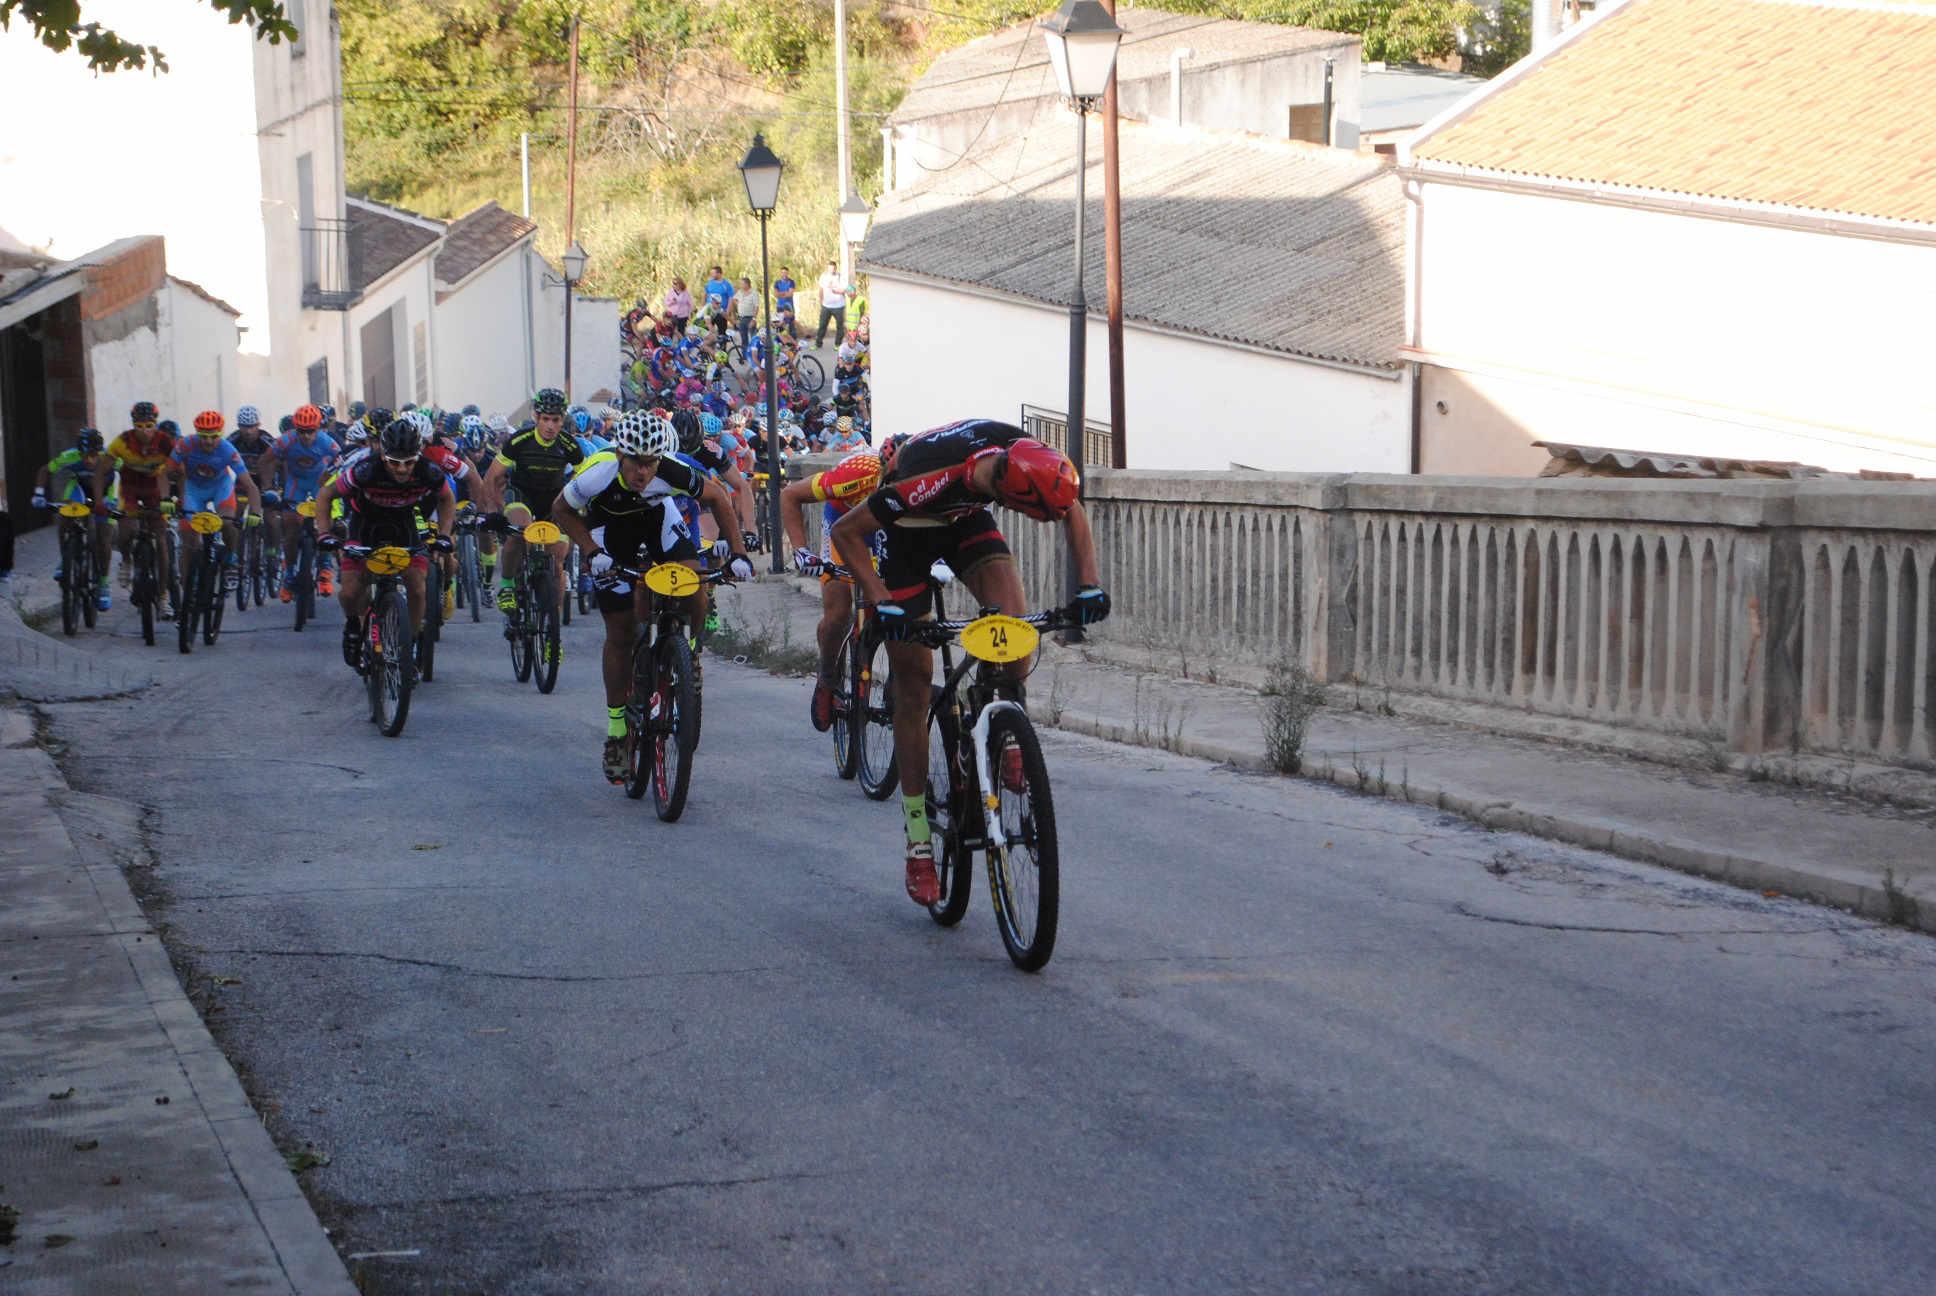 Corredores durante la prueba BTT de Villaverde de Guadalimar (Foto: Prodepor)